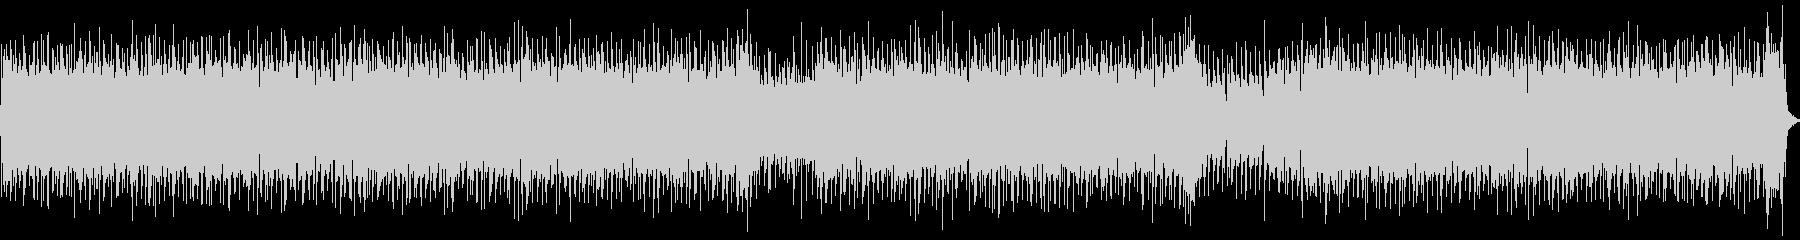 シャッフルビートのロックなリフの未再生の波形